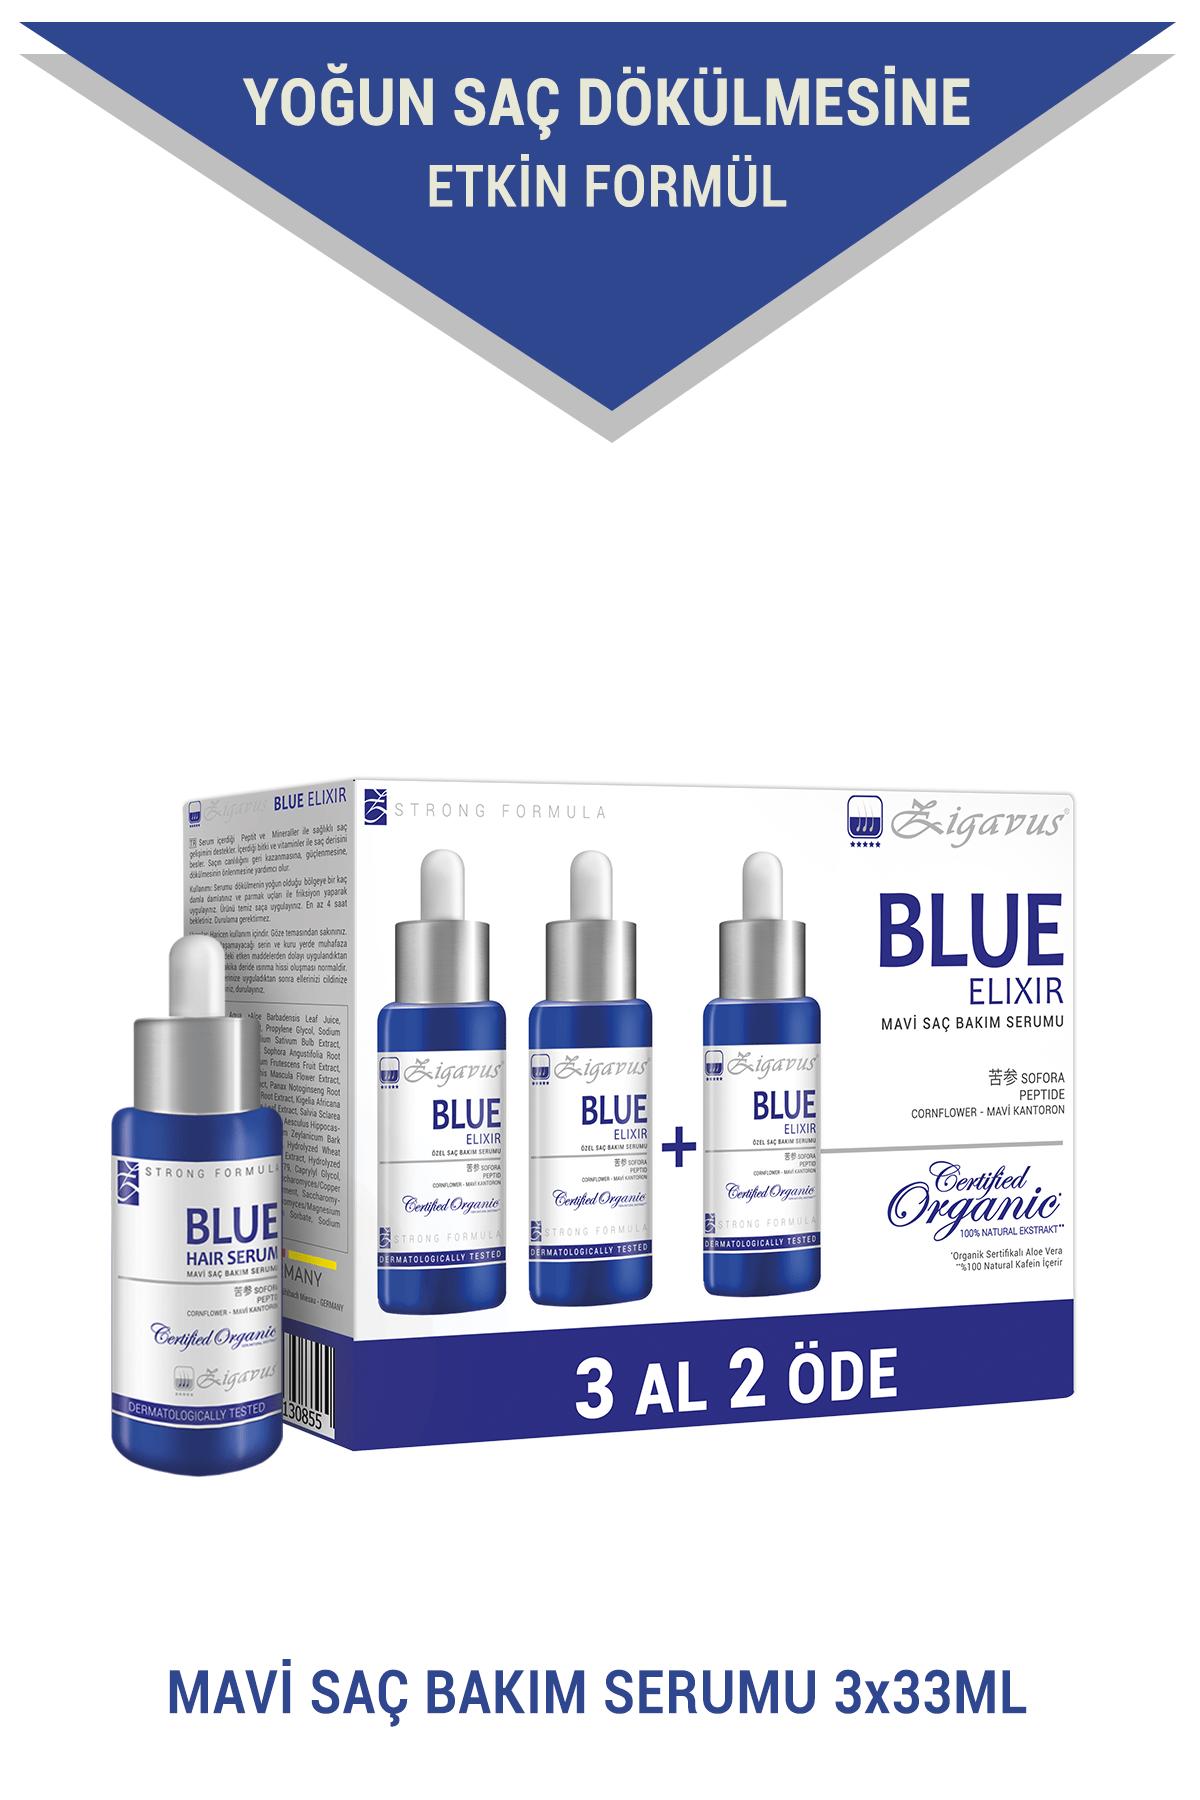 Zigavus Blue Saç Bakım Serumu 3x33 ml (3 al 2 öde) - Mavi Su 8699349130855 1